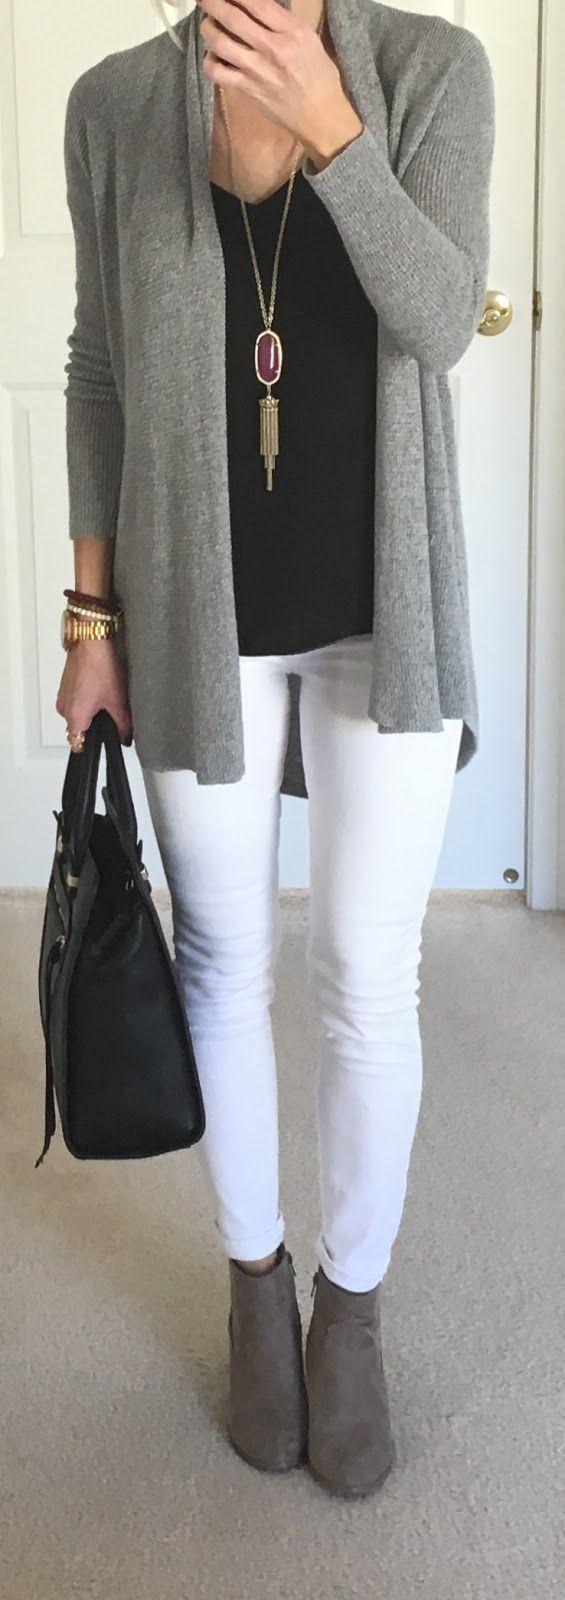 15 niedliche Herbst-Outfits zum Ausprobieren